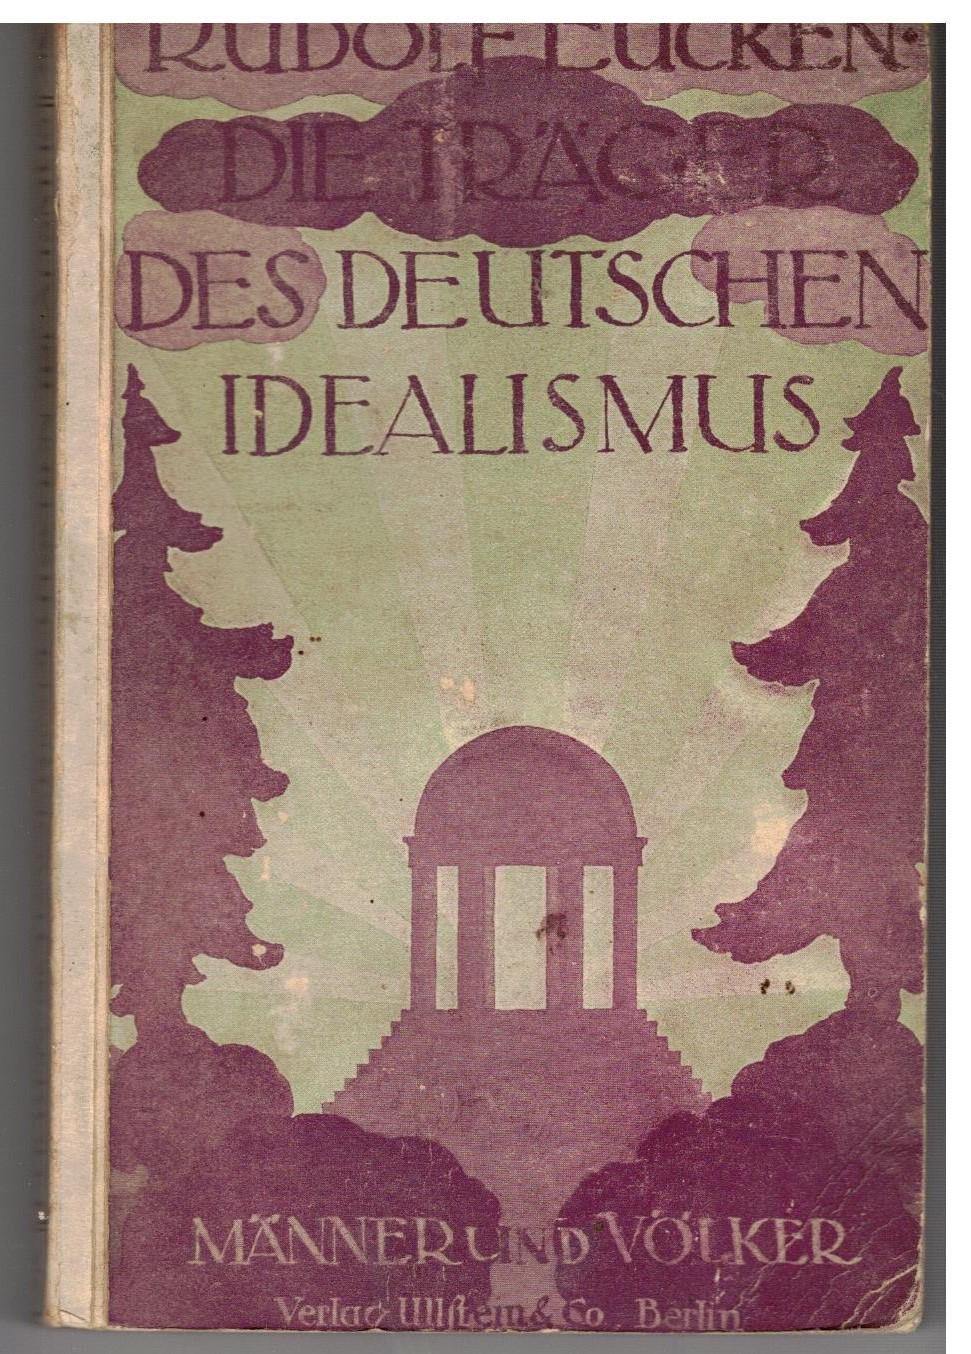 Die Träger des deutschen Idealismus - Eucken, Rudolf